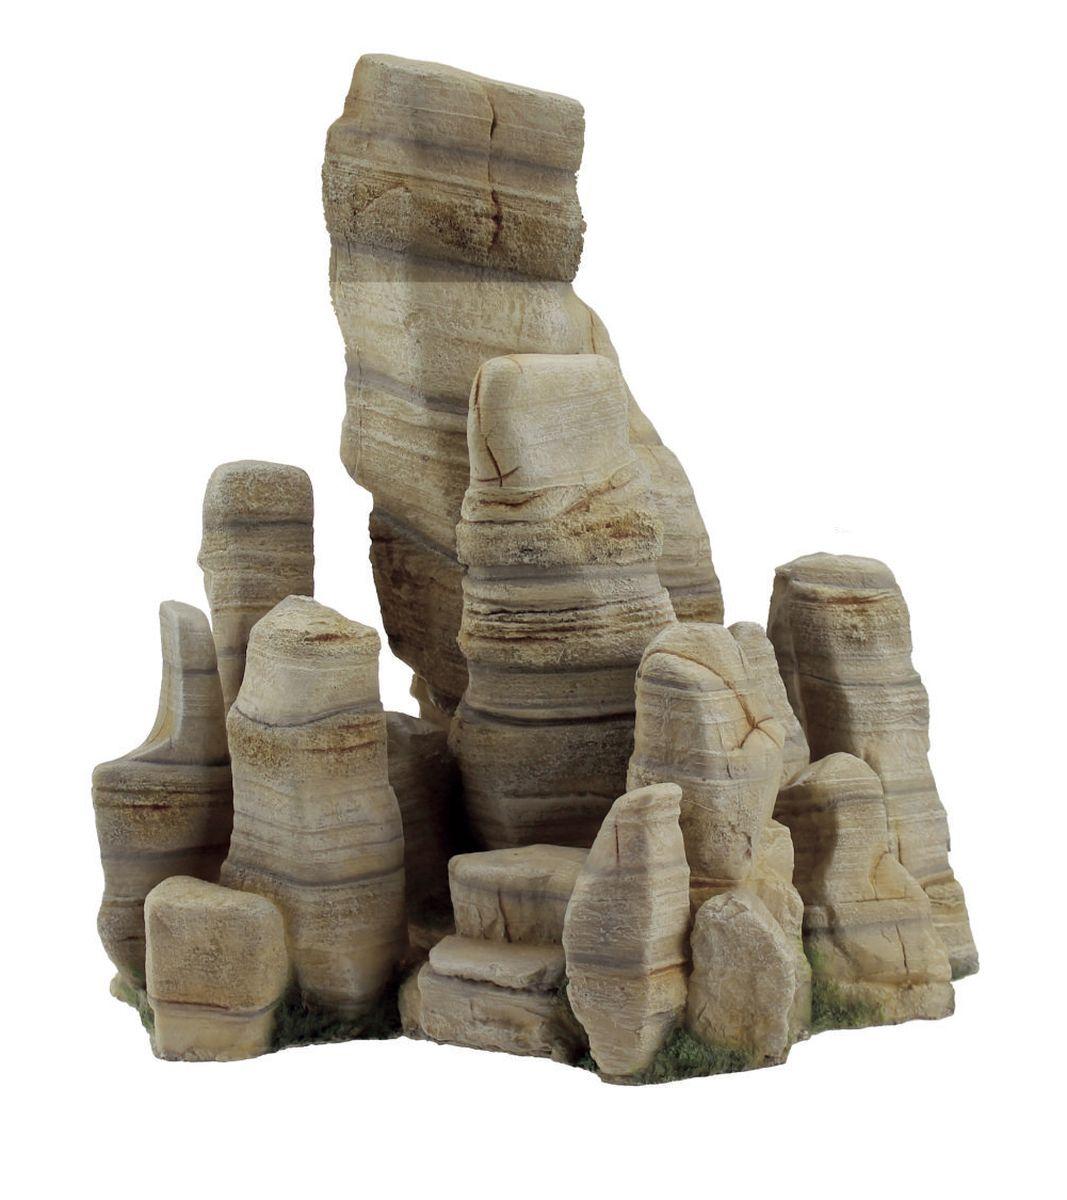 Декорация для аквариума ArtUniq Обтесанные скалы, 28,3 x 19,5 x 30 см0120710Декорация для аквариума ArtUniq Обтесанные скалы, 28,3 x 19,5 x 30 см